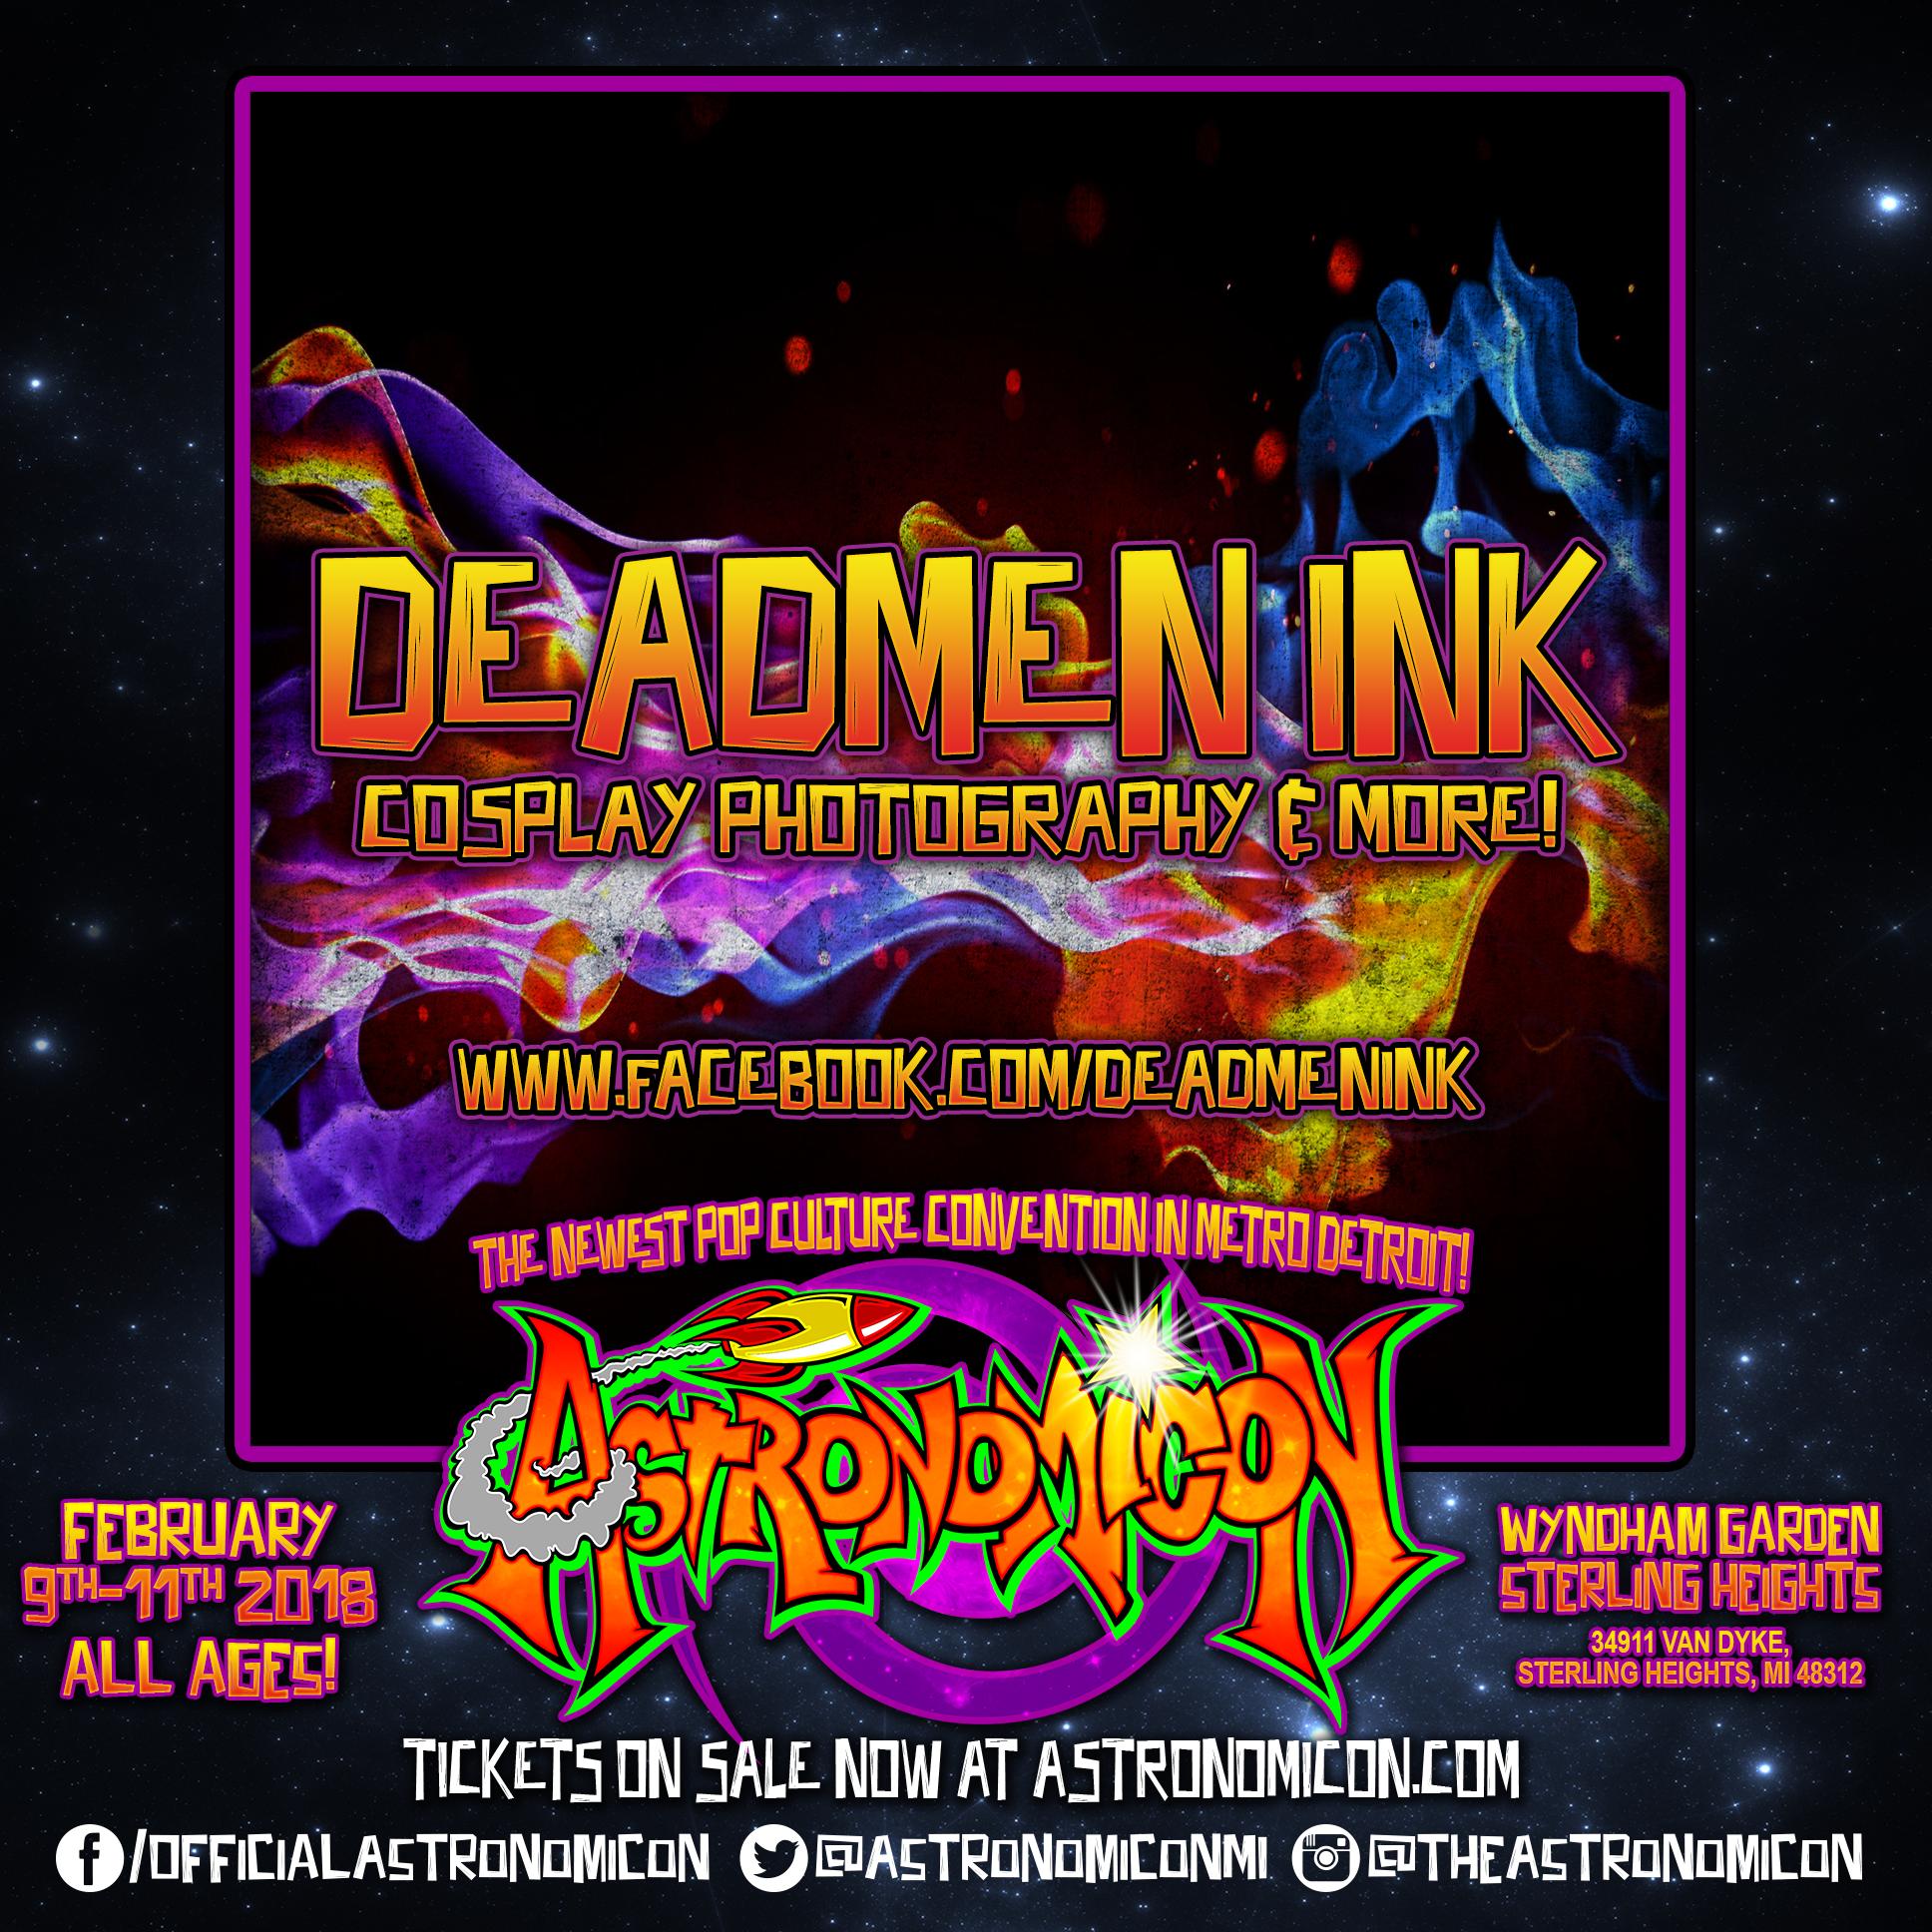 Deadmen ink productions -  deadmenink.com